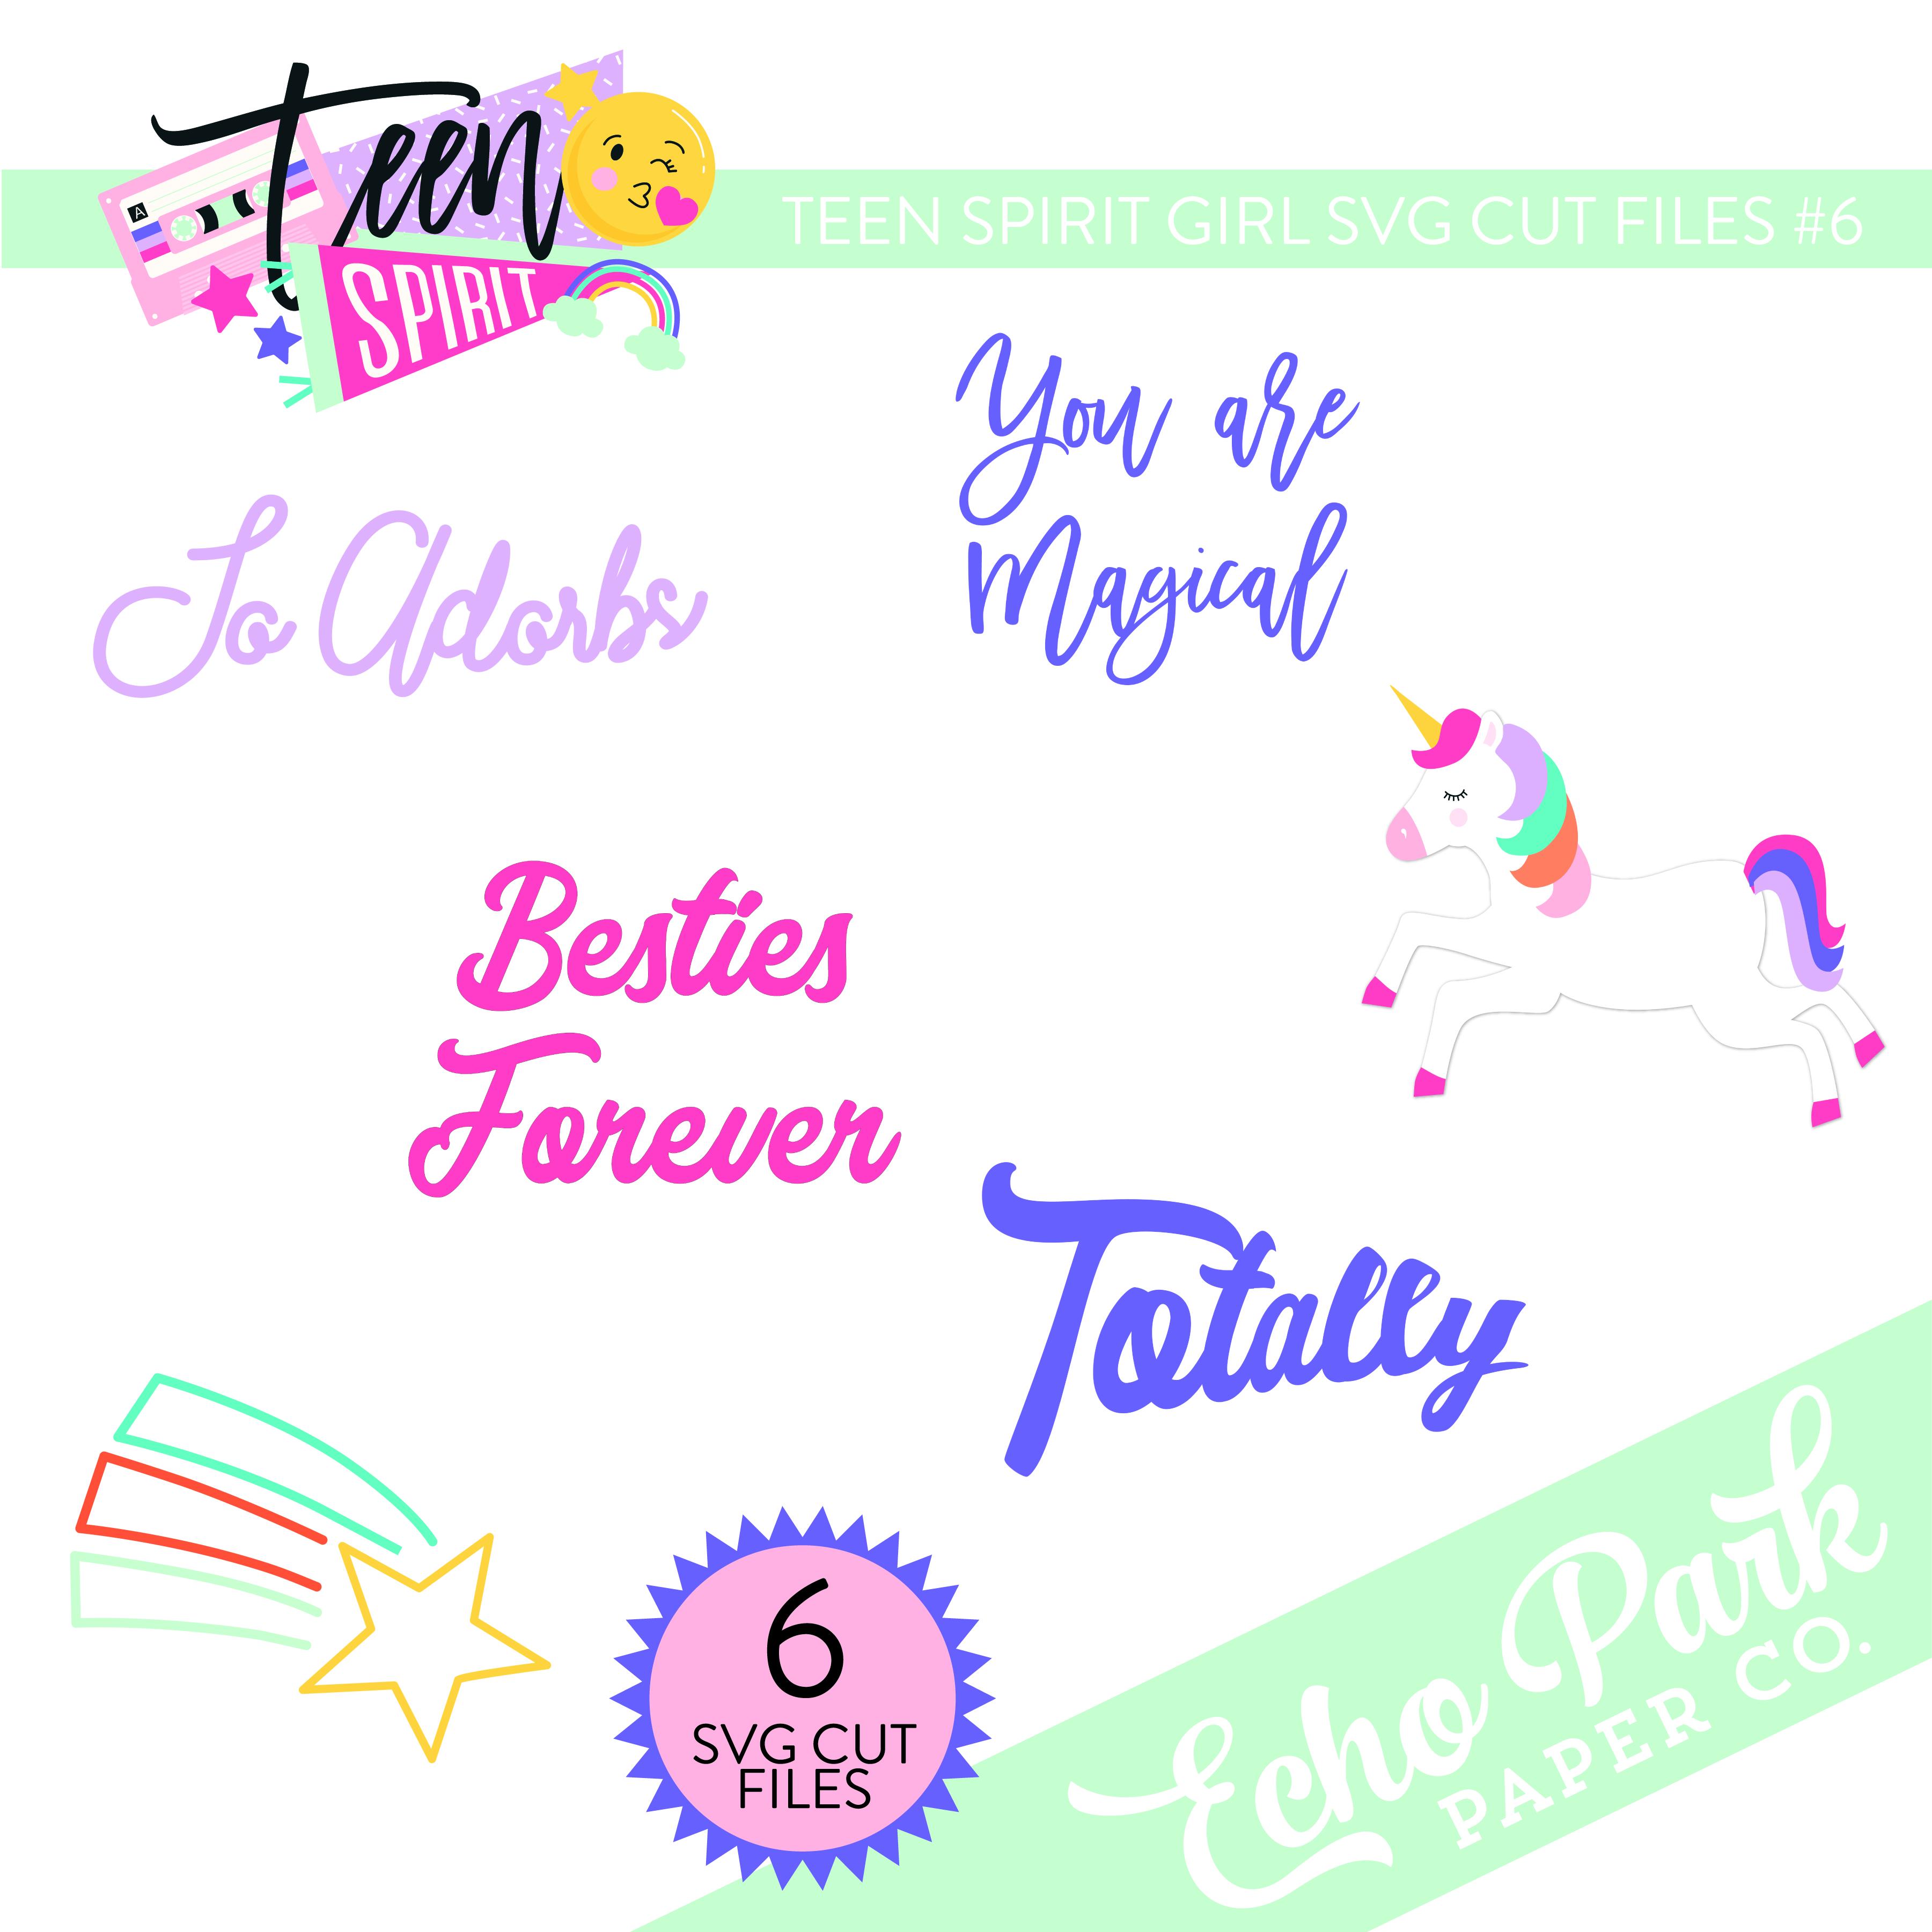 Teen Spirit Girl SVG Cut Files #6